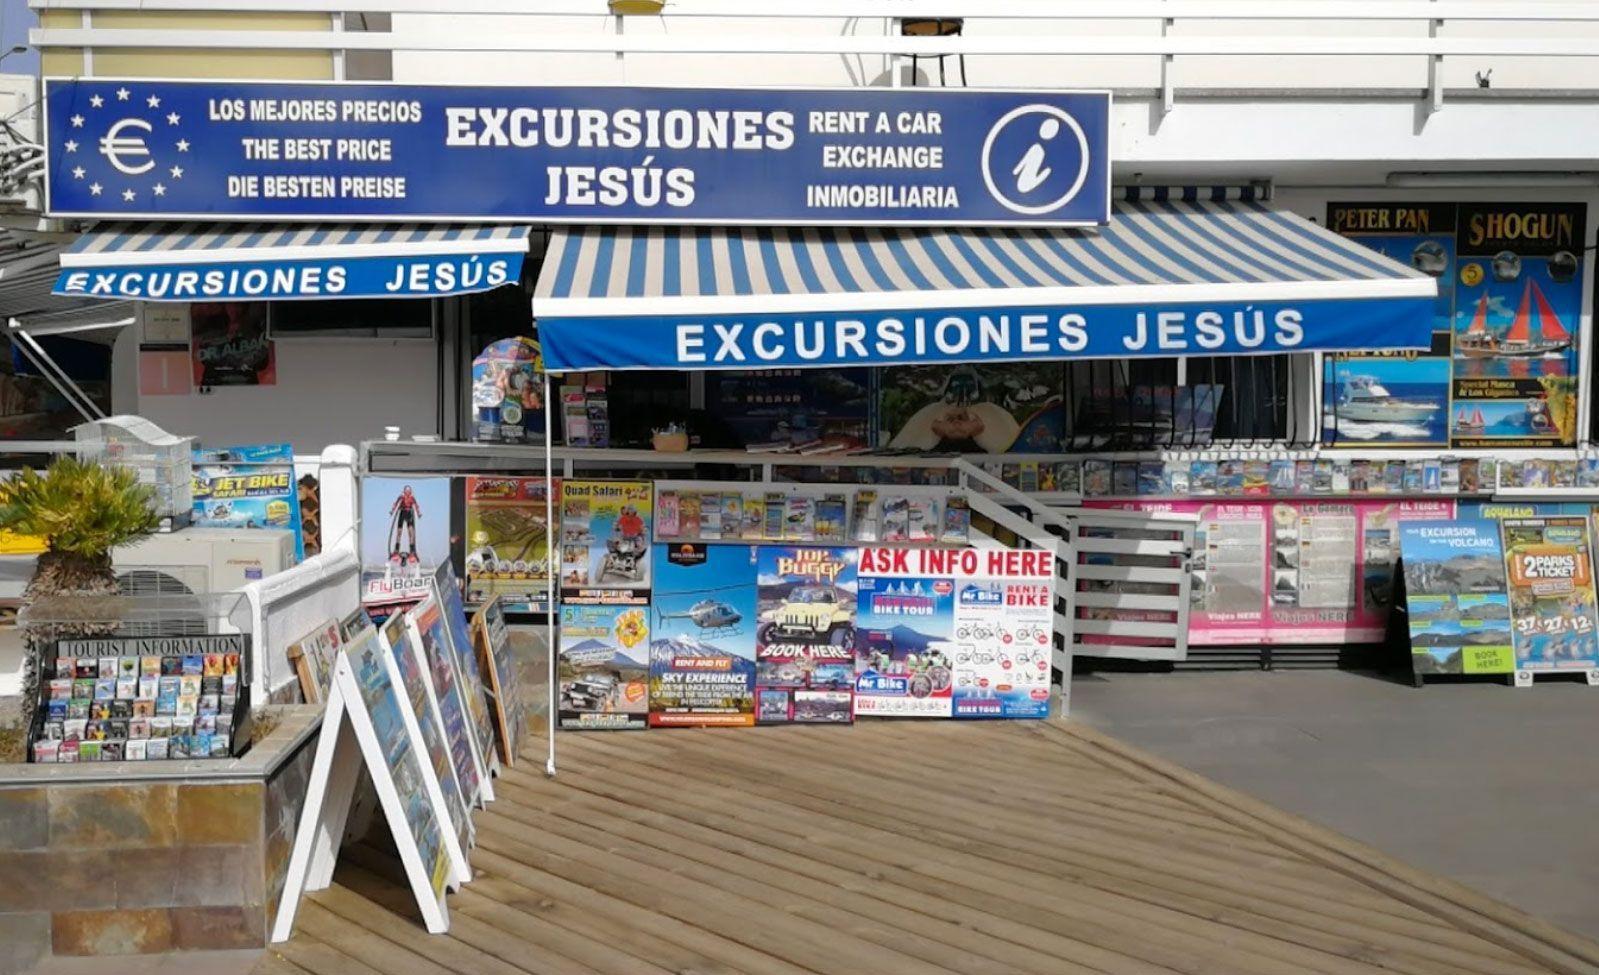 excursiones-jesus-tenerife